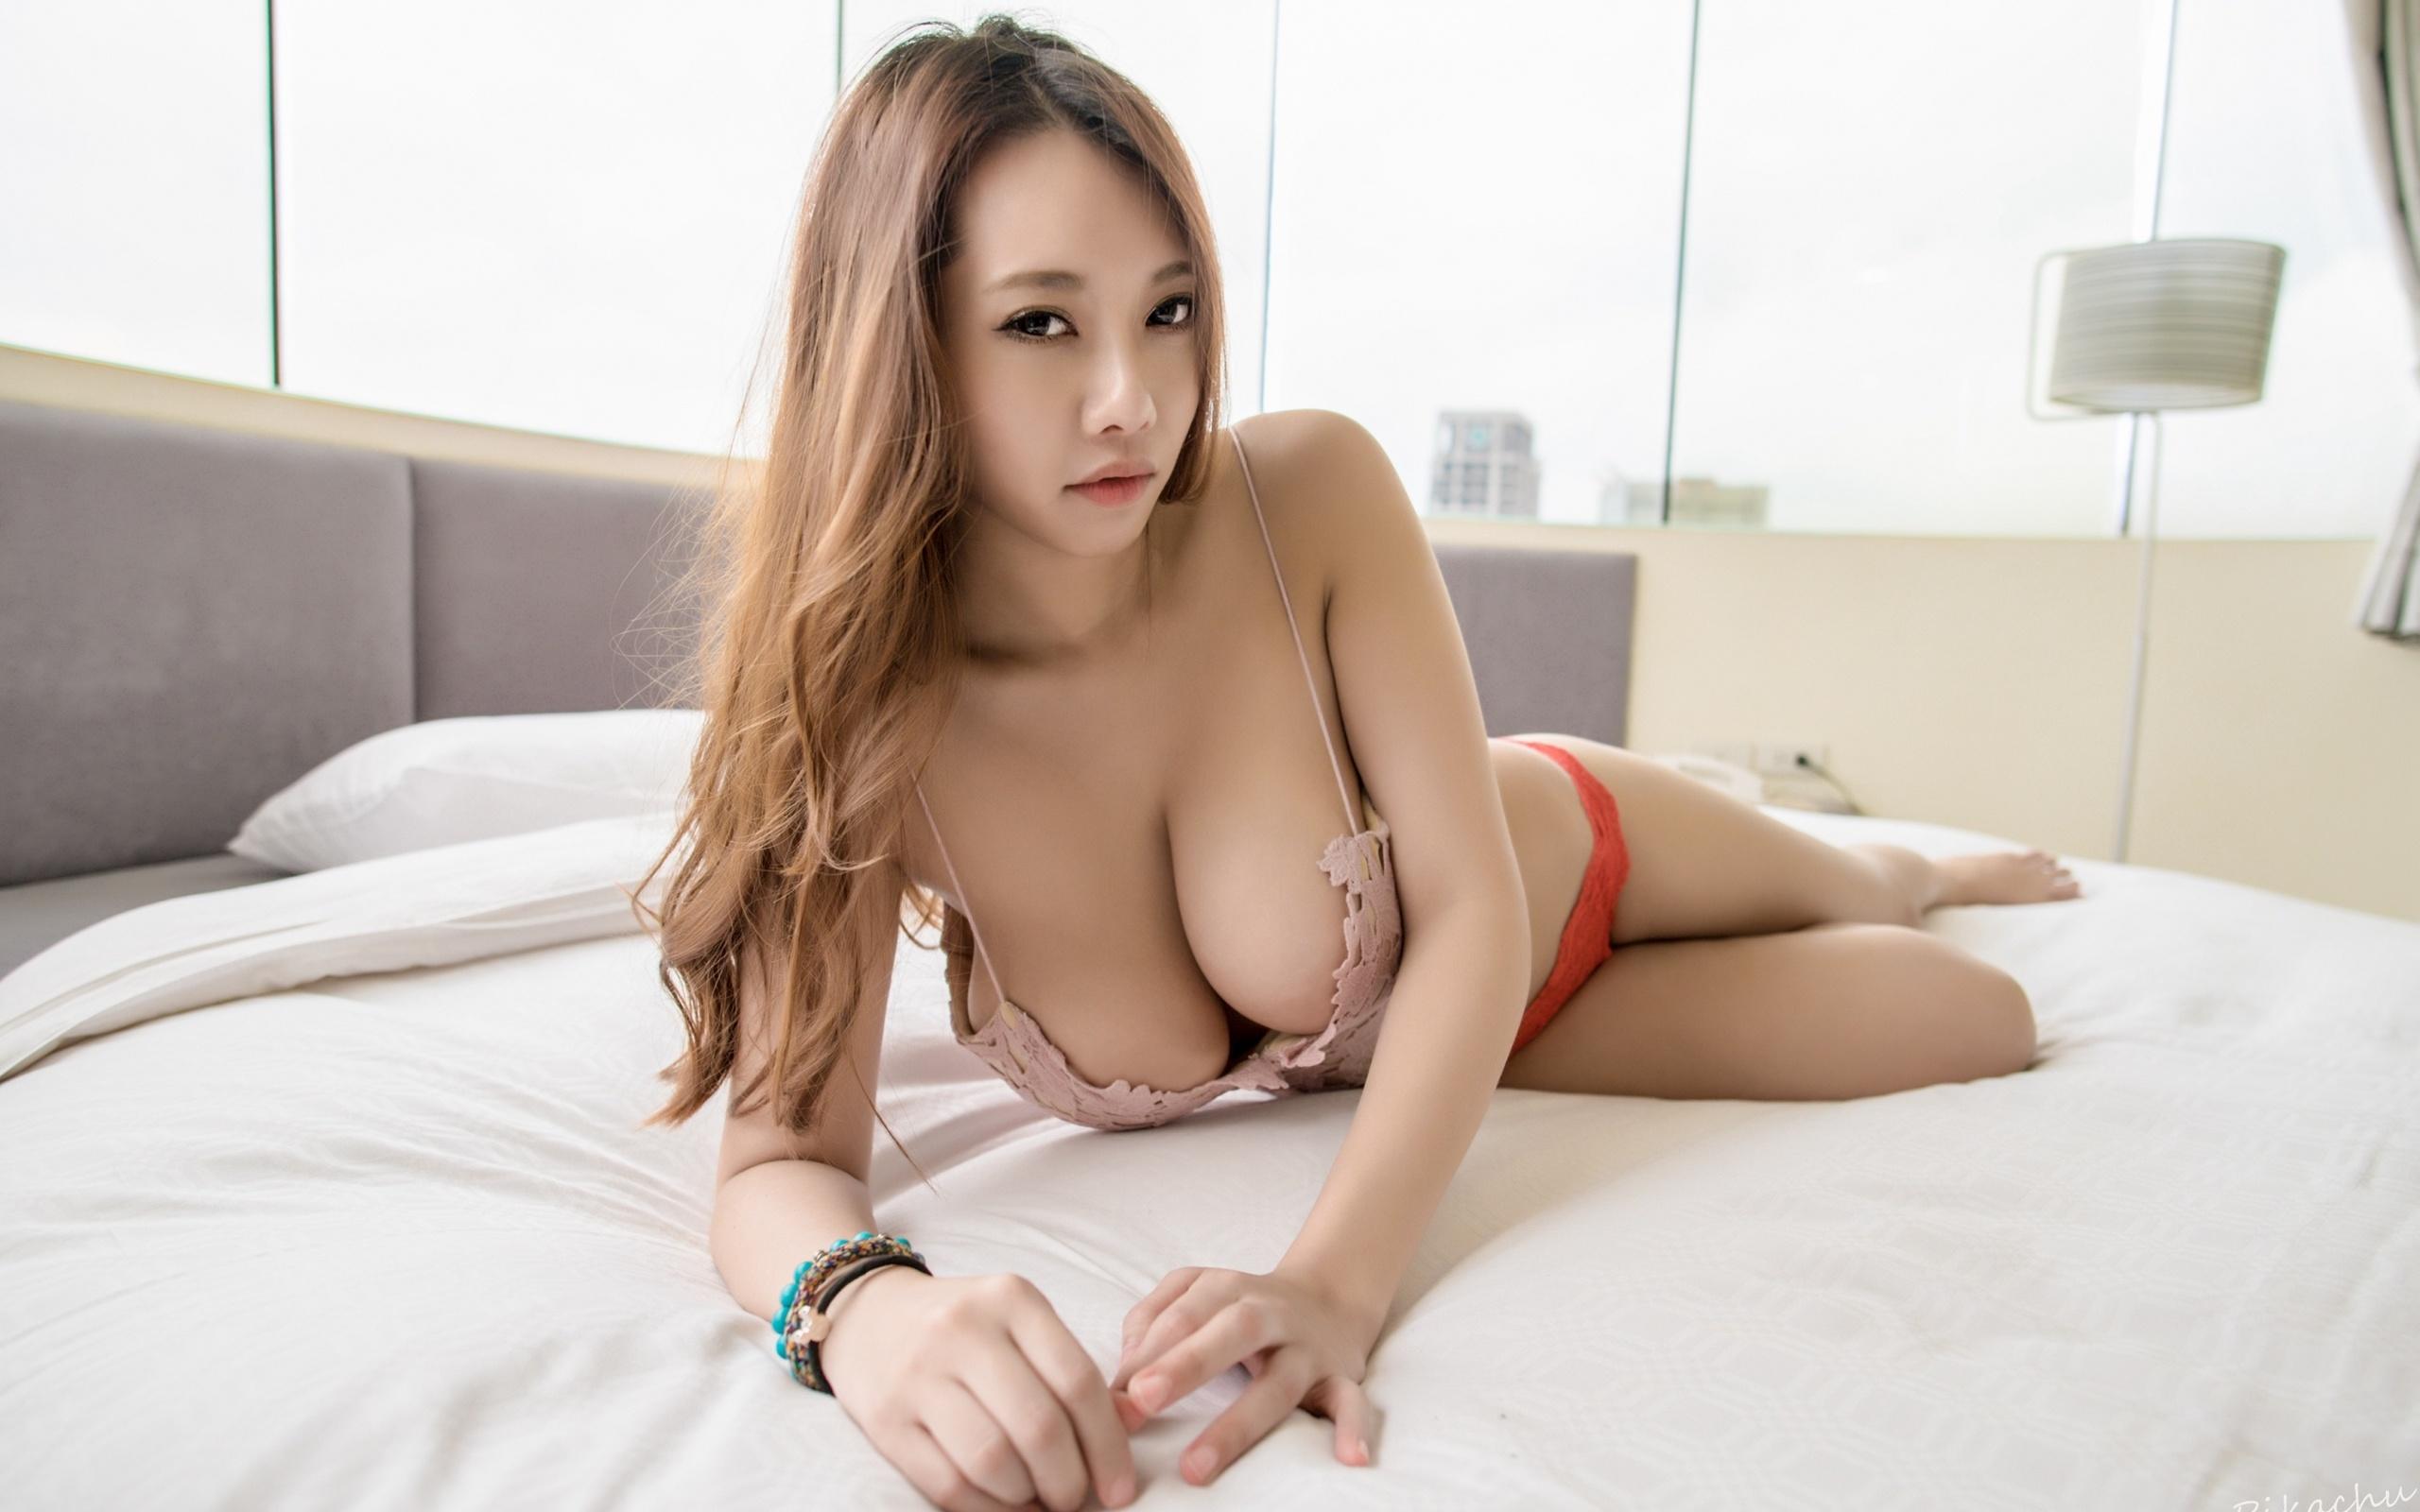 Порно обои эротика азиаток попки девушек трусиках